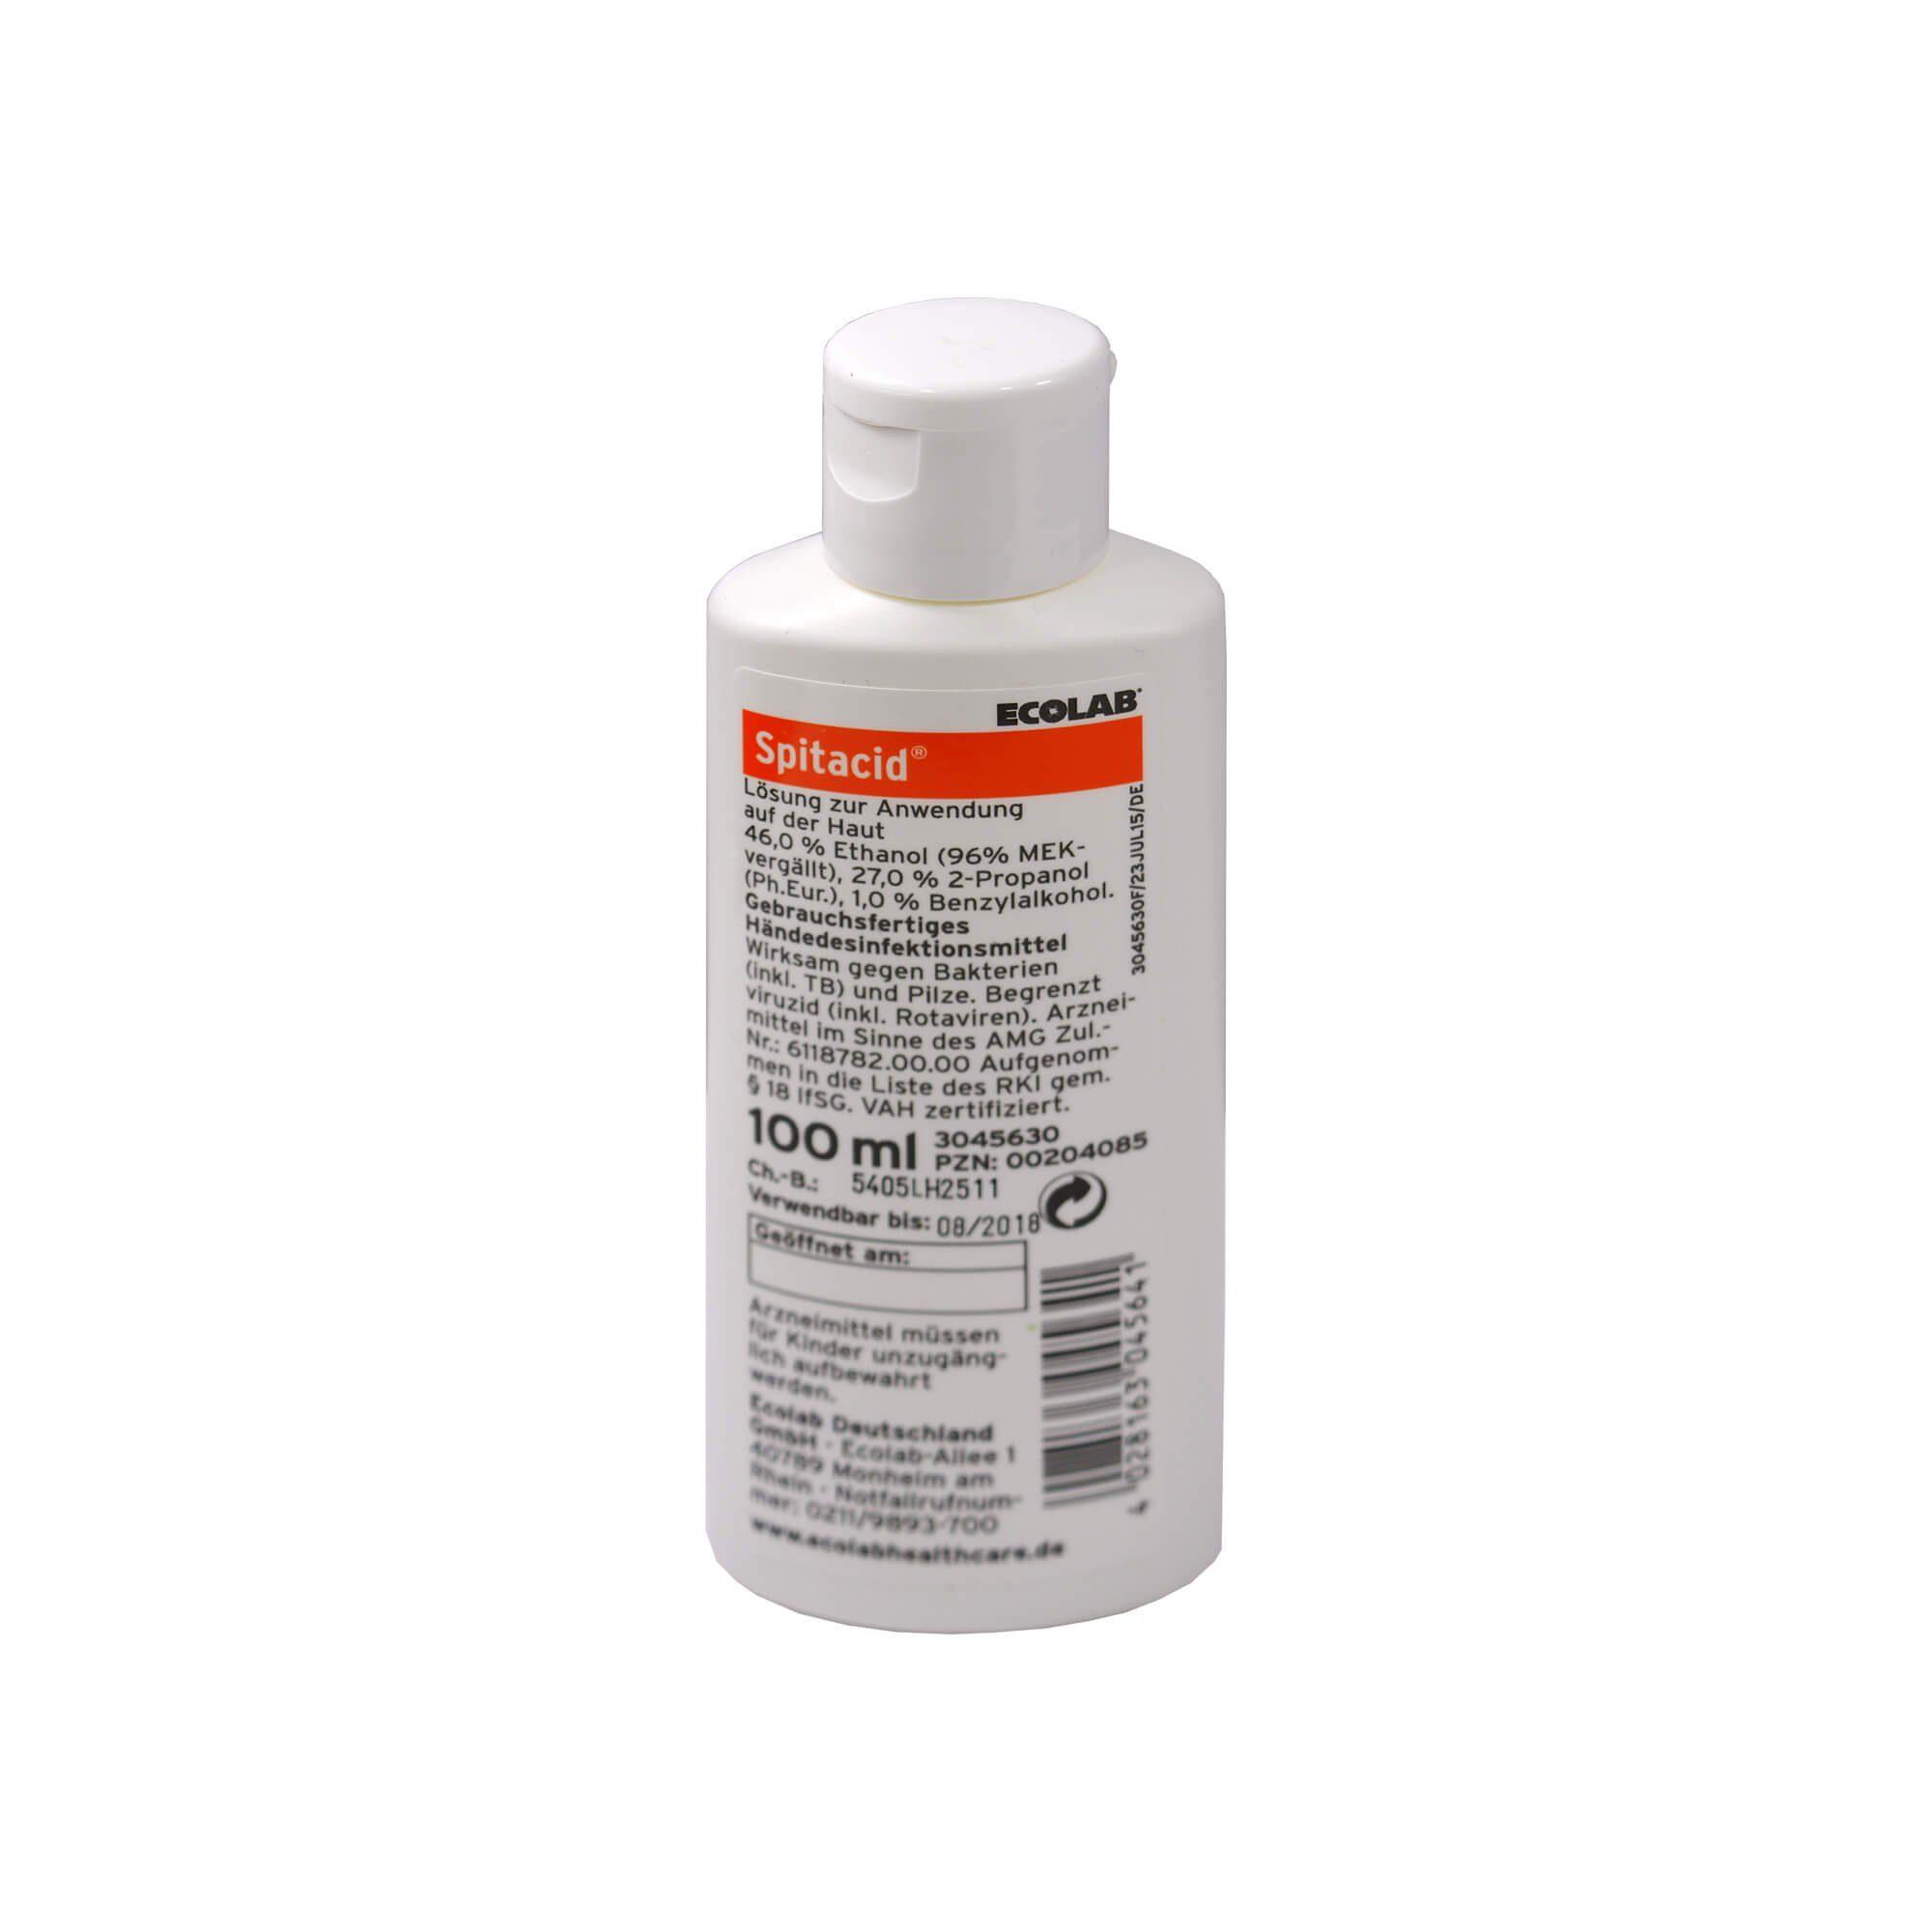 Spitacid Händedesinfektion Taschenflasche , 100 ml